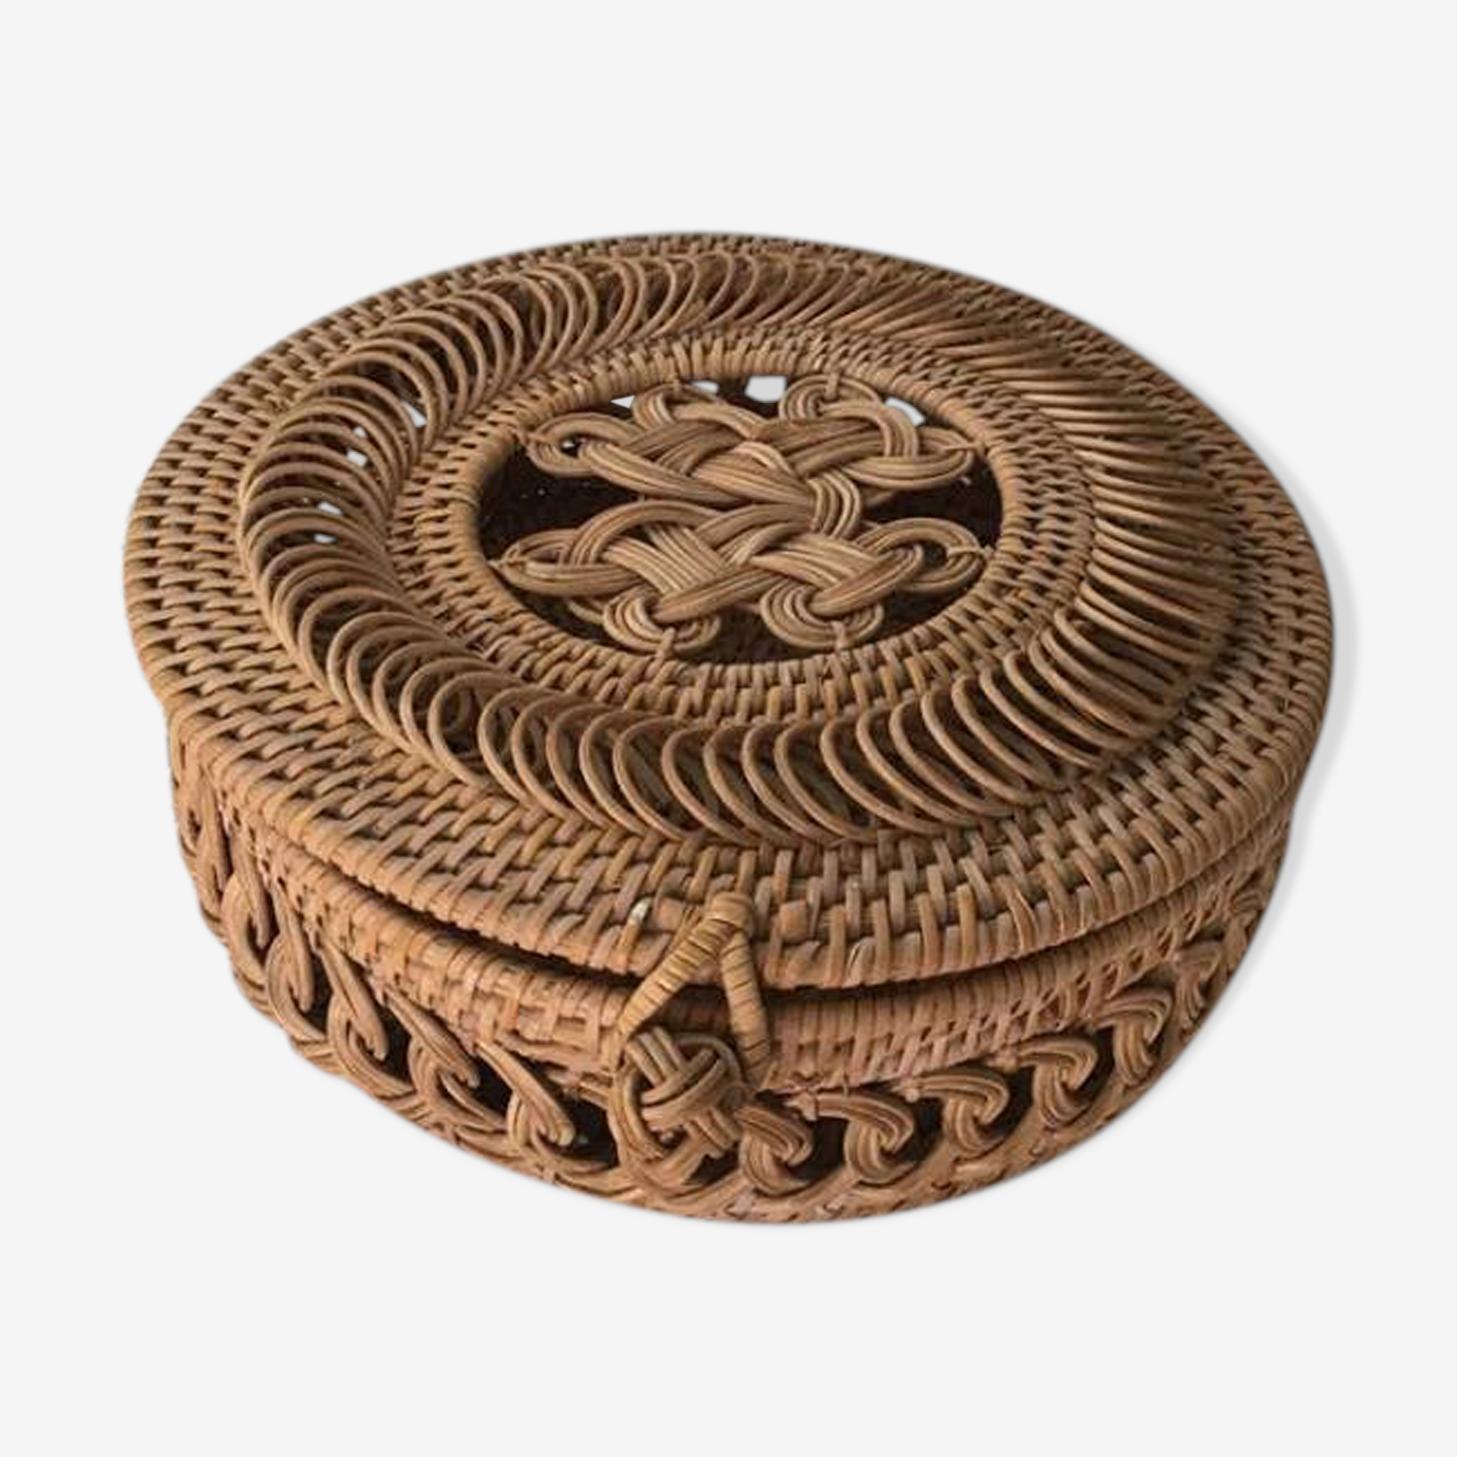 Round basket woven wicker